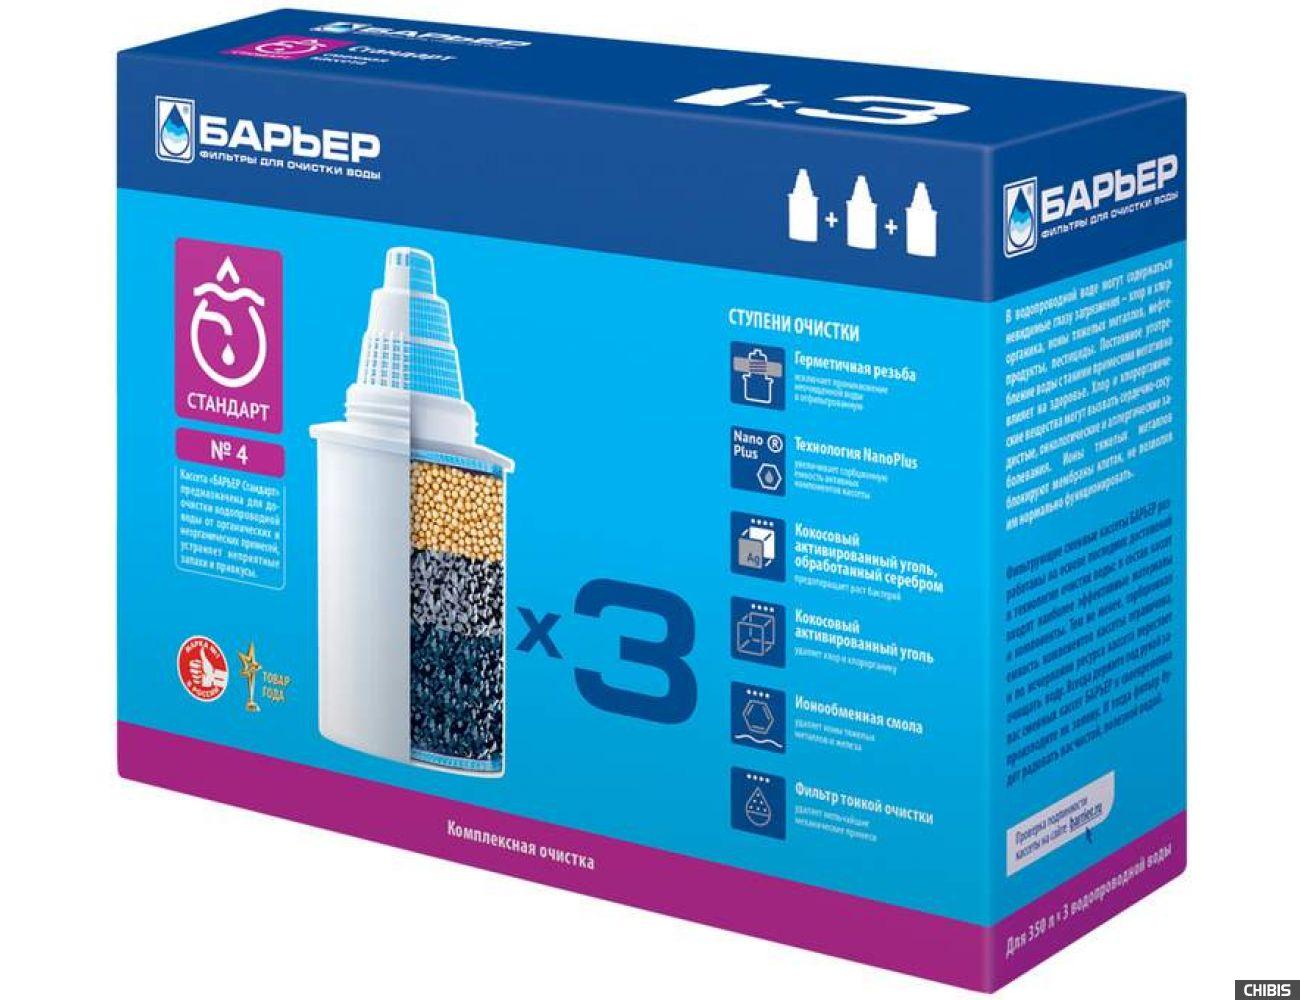 Картридж Барьер 4 (3 шт.) для водопроводной воды